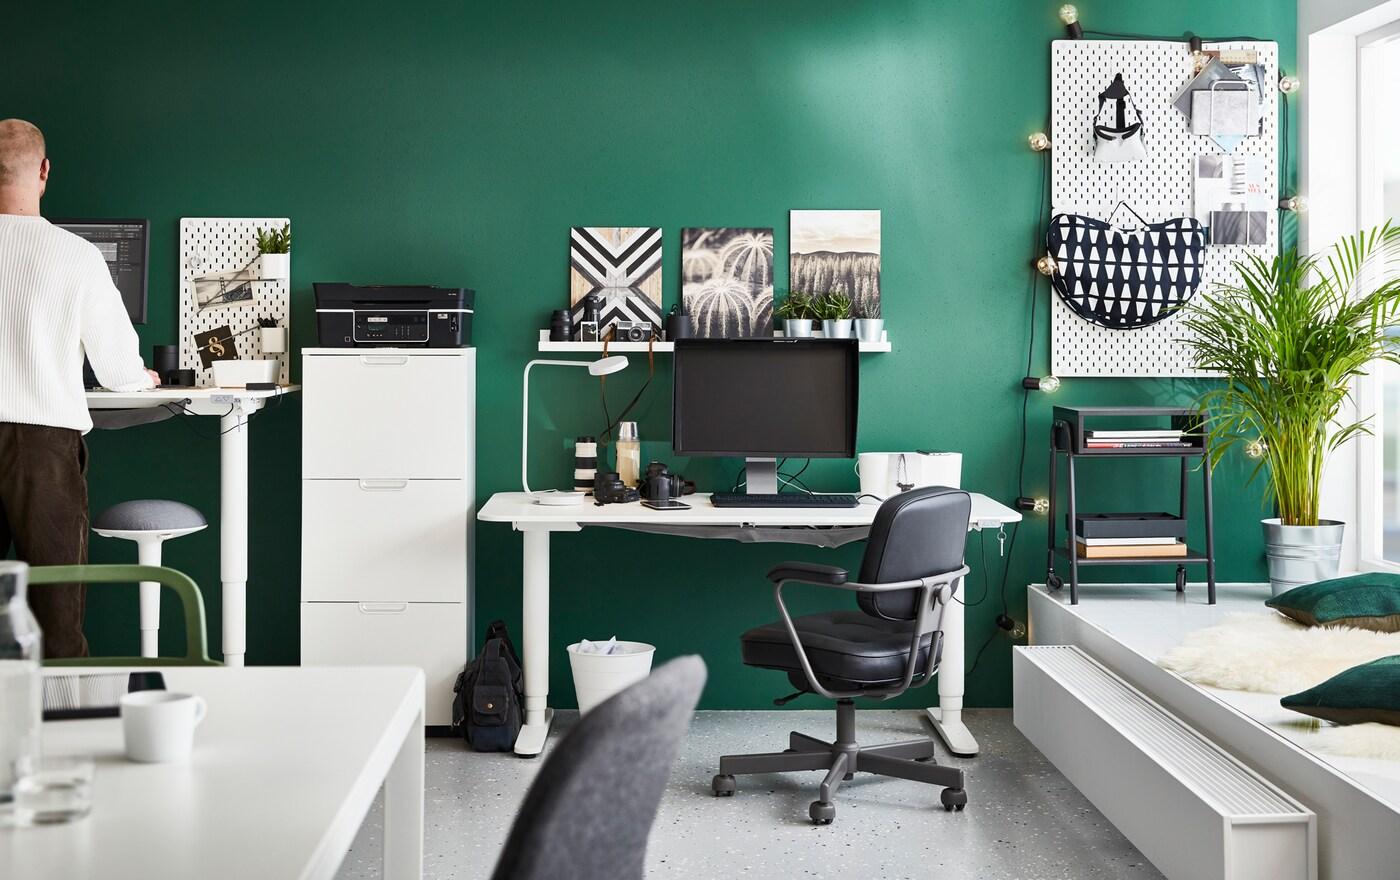 Secretárias sentado/em pé BEKANT, em branco, num espaço de escritório com paredes em verde, com cadeira giratória ALEFJÄLL, em preto, e banco de apoio de pé NILSERIK.